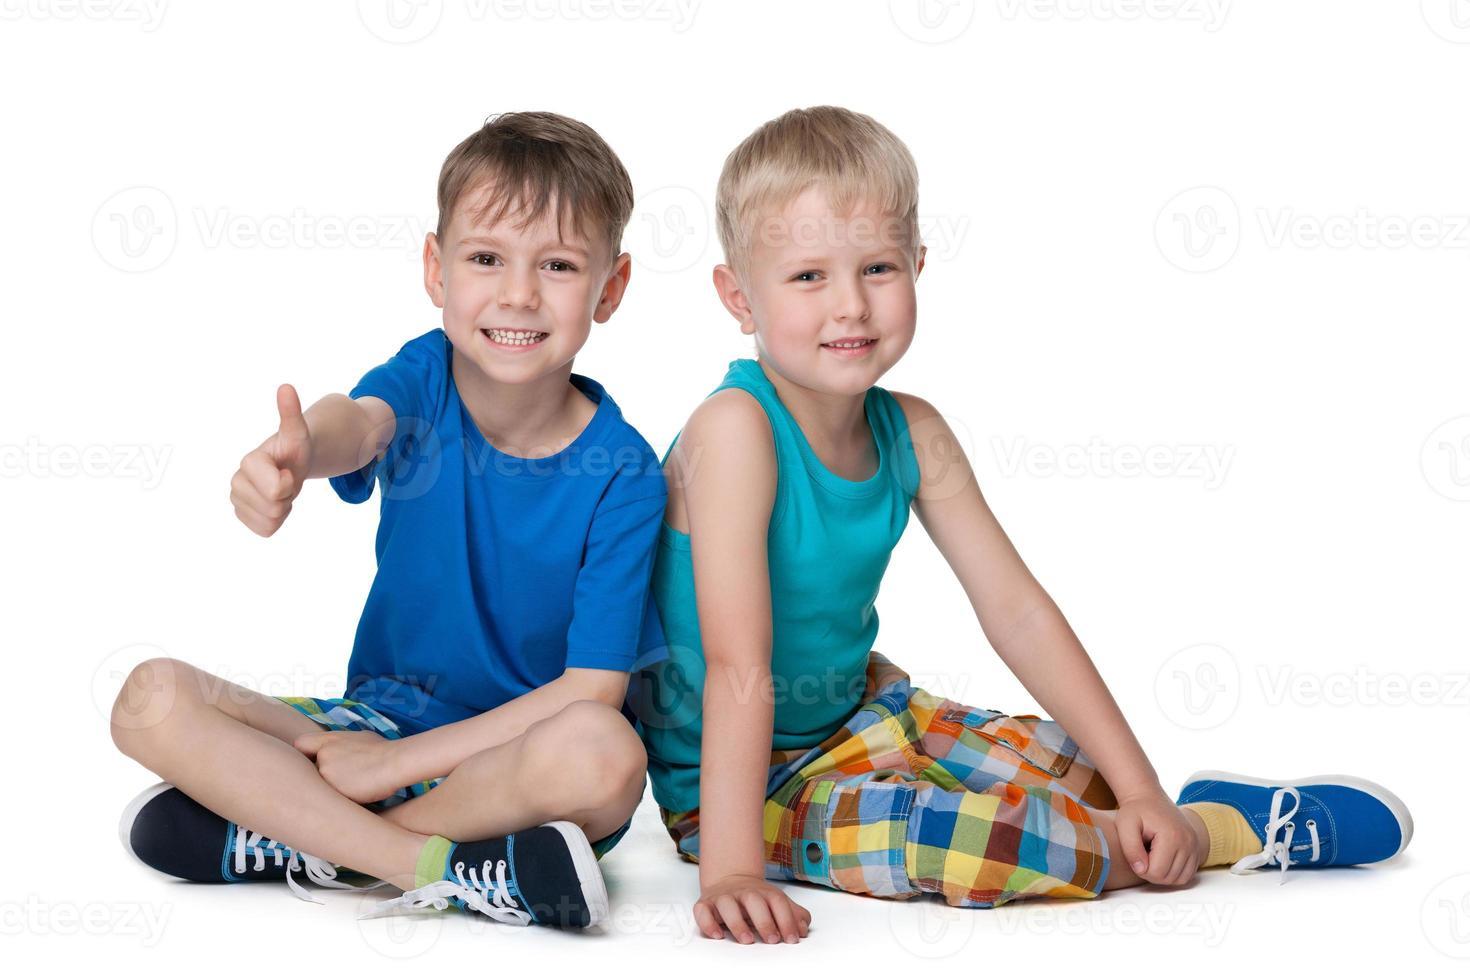 deux petits garçons assis ensemble photo